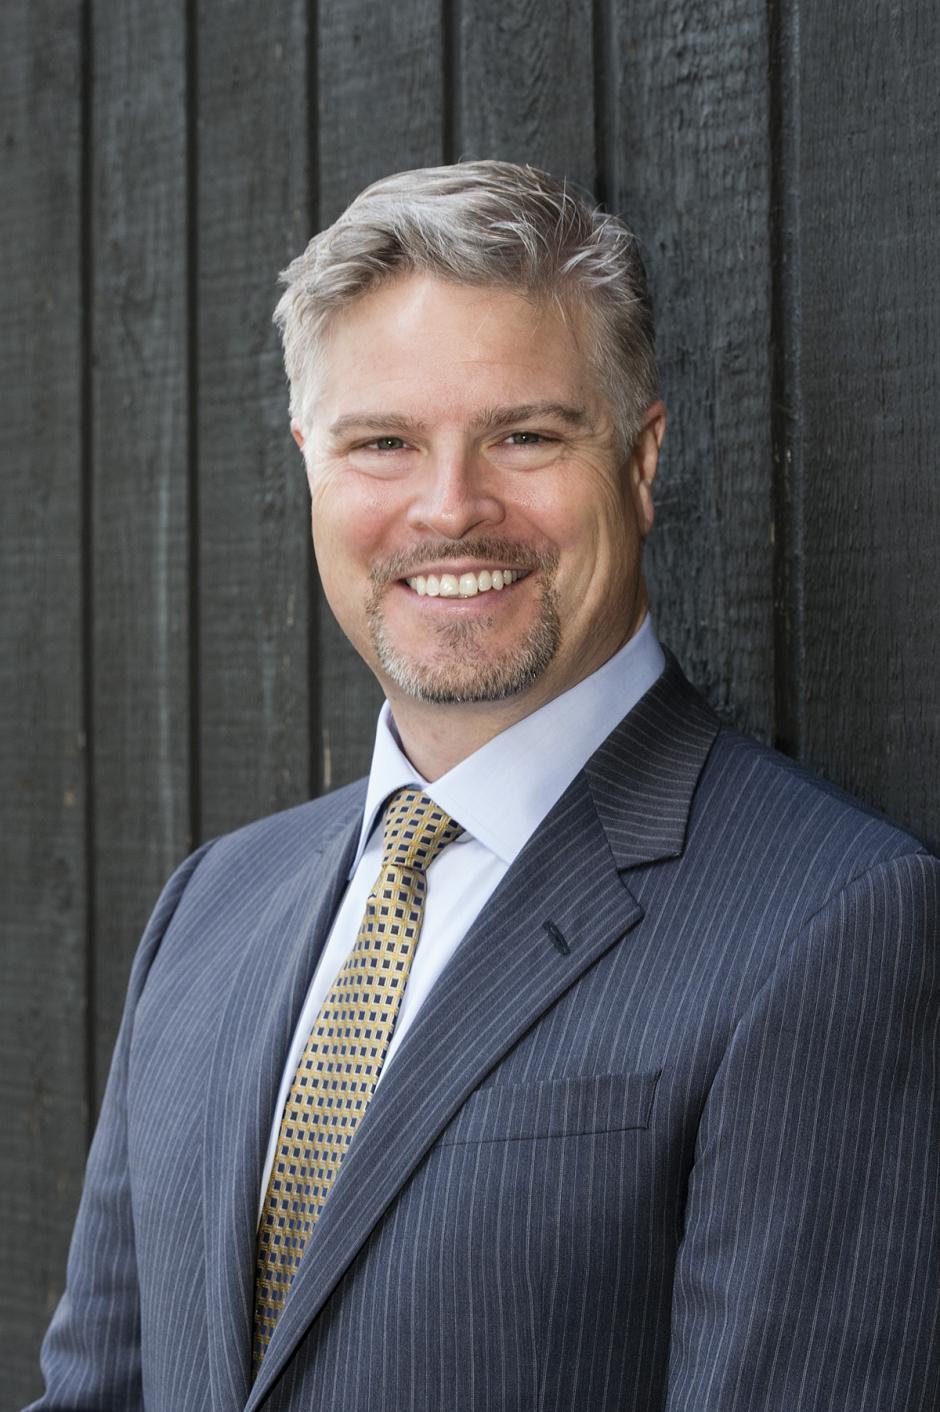 David Weyant